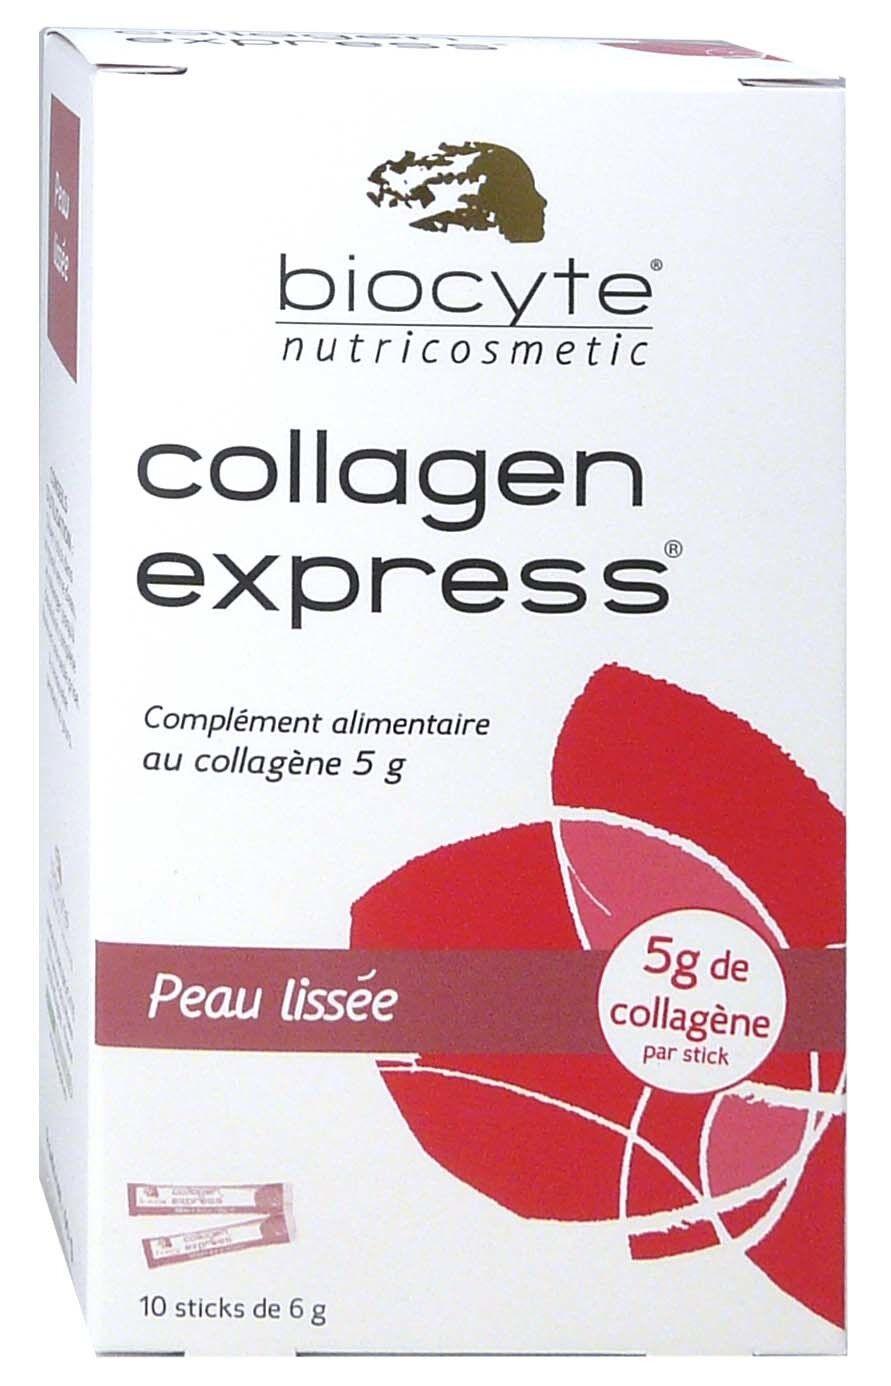 Biocyte collagen express 10 sticks